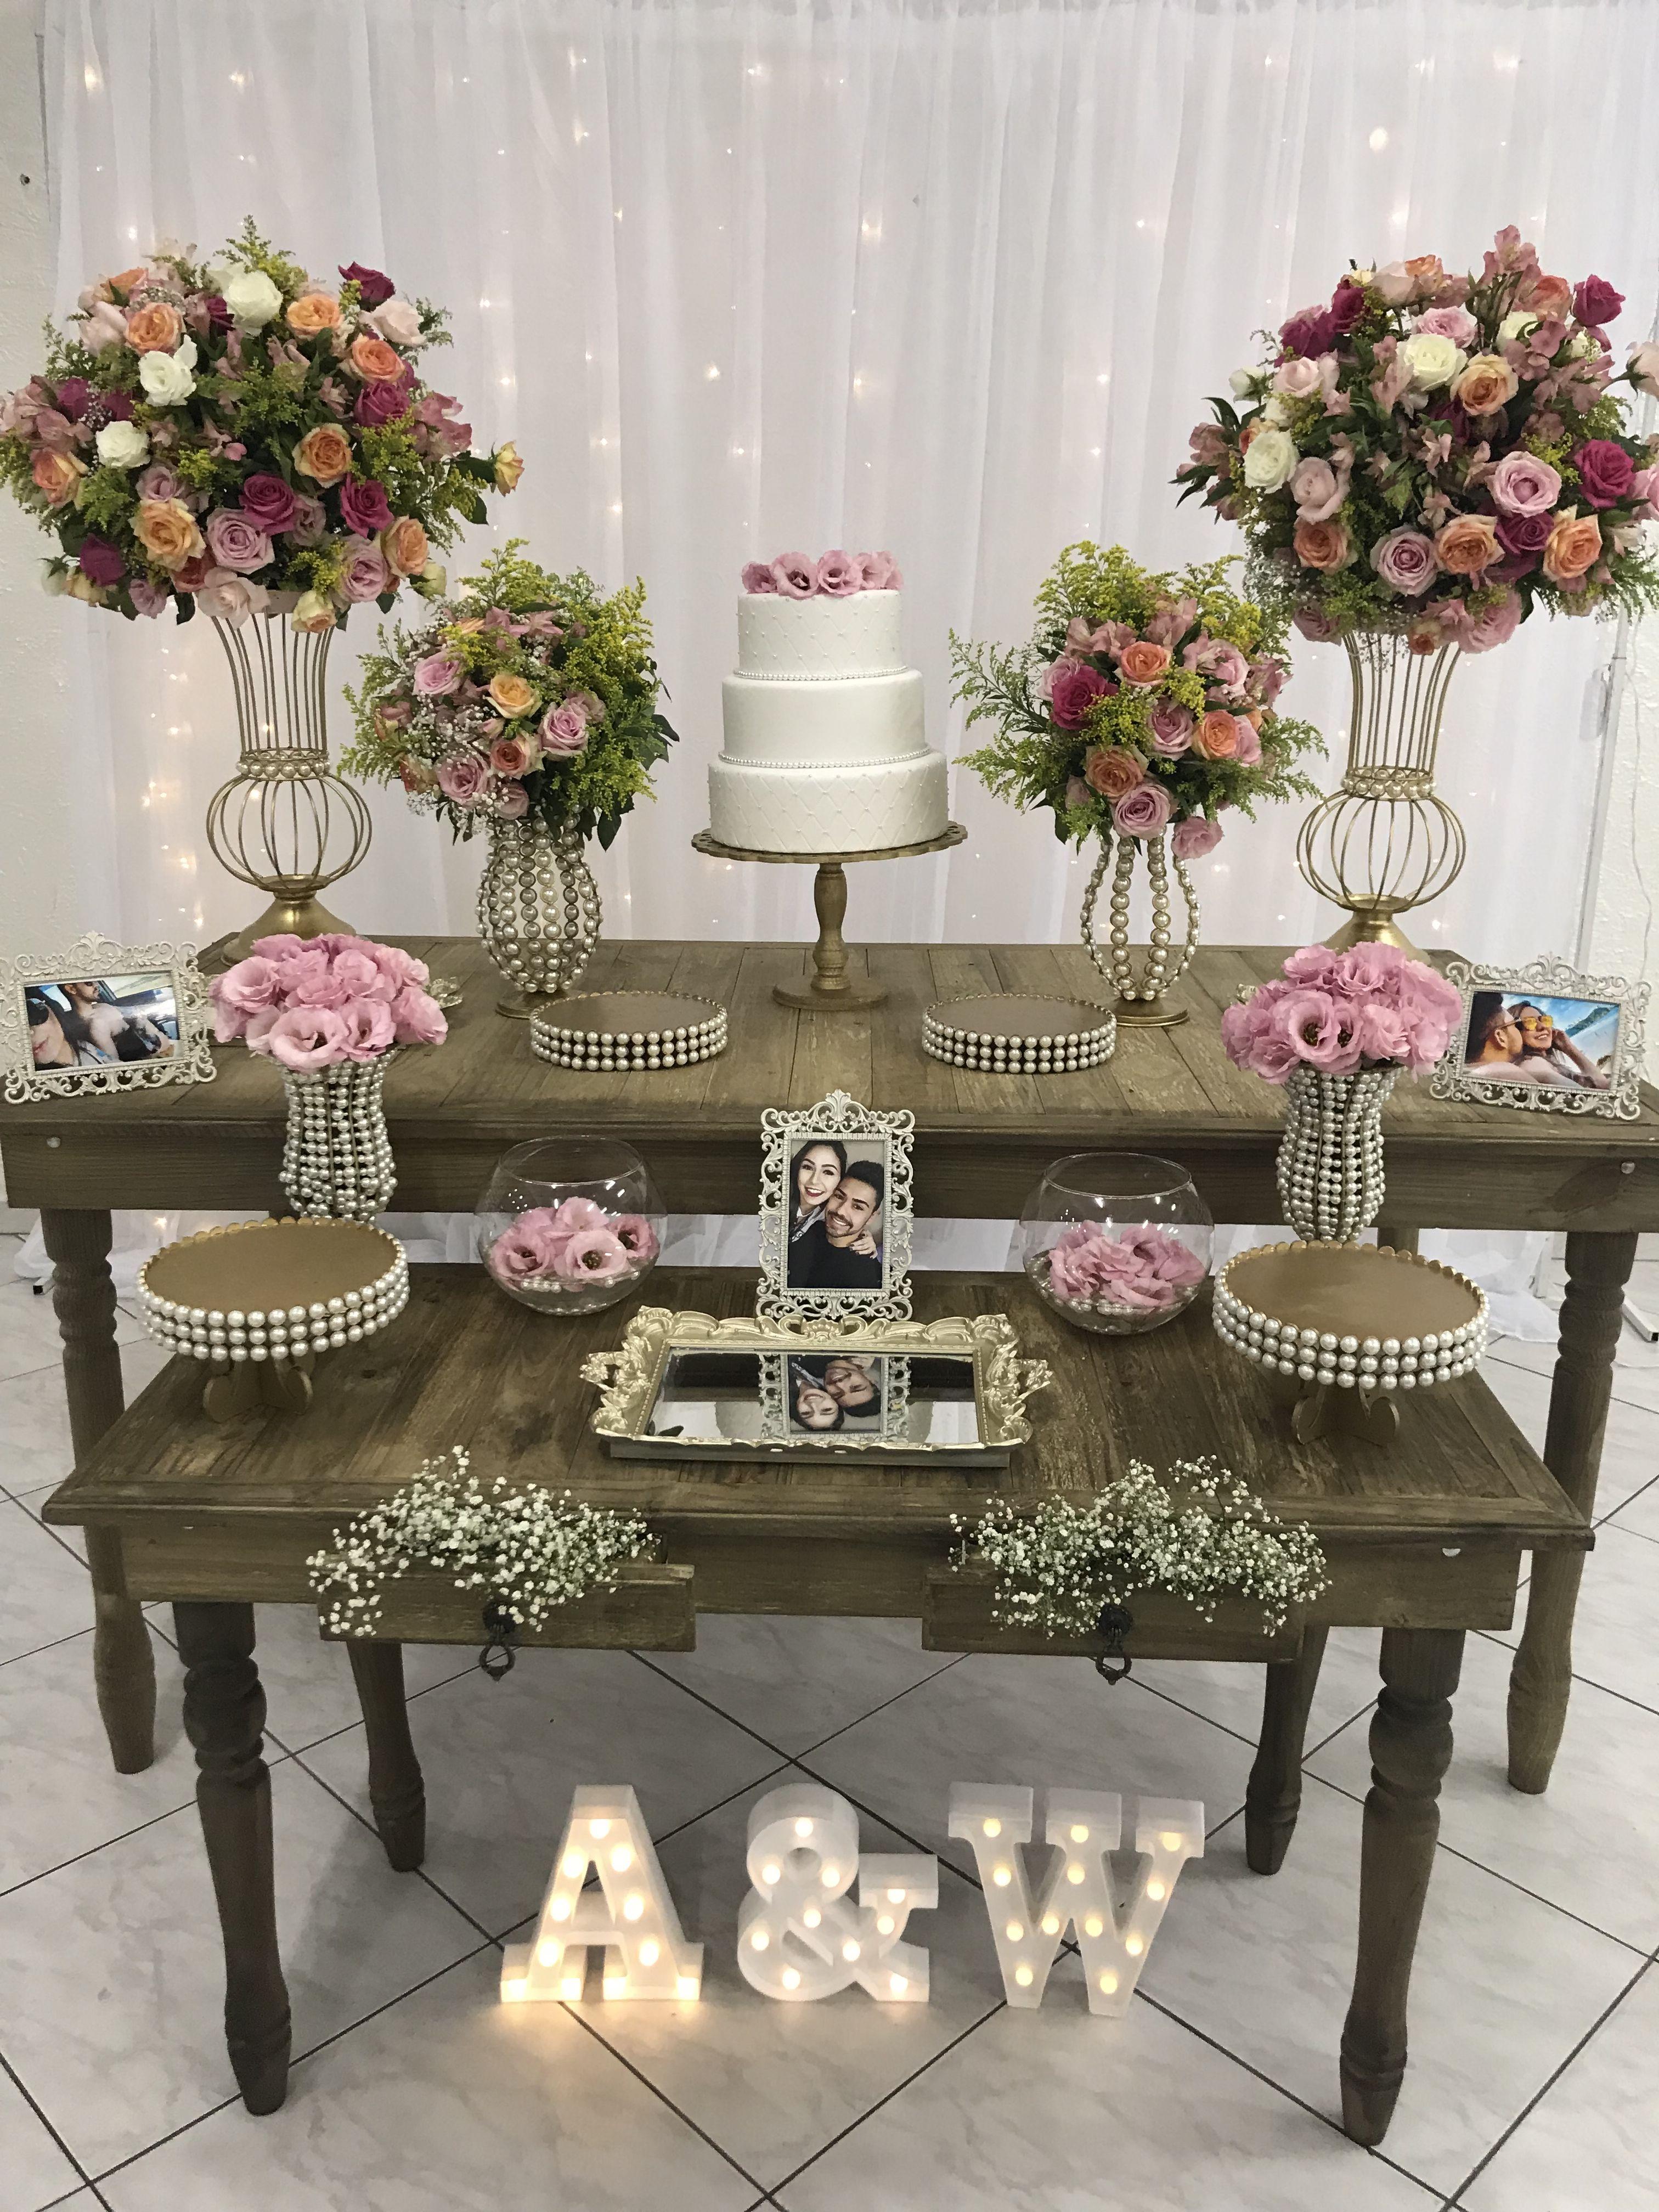 Tema Casamento Simples Decoraç u00e3o Escritório da Arte Empresa Sorocaba SP casamento Decoraç u00e3o  -> Decoração De Mesa Para Casamento Simples E Barato